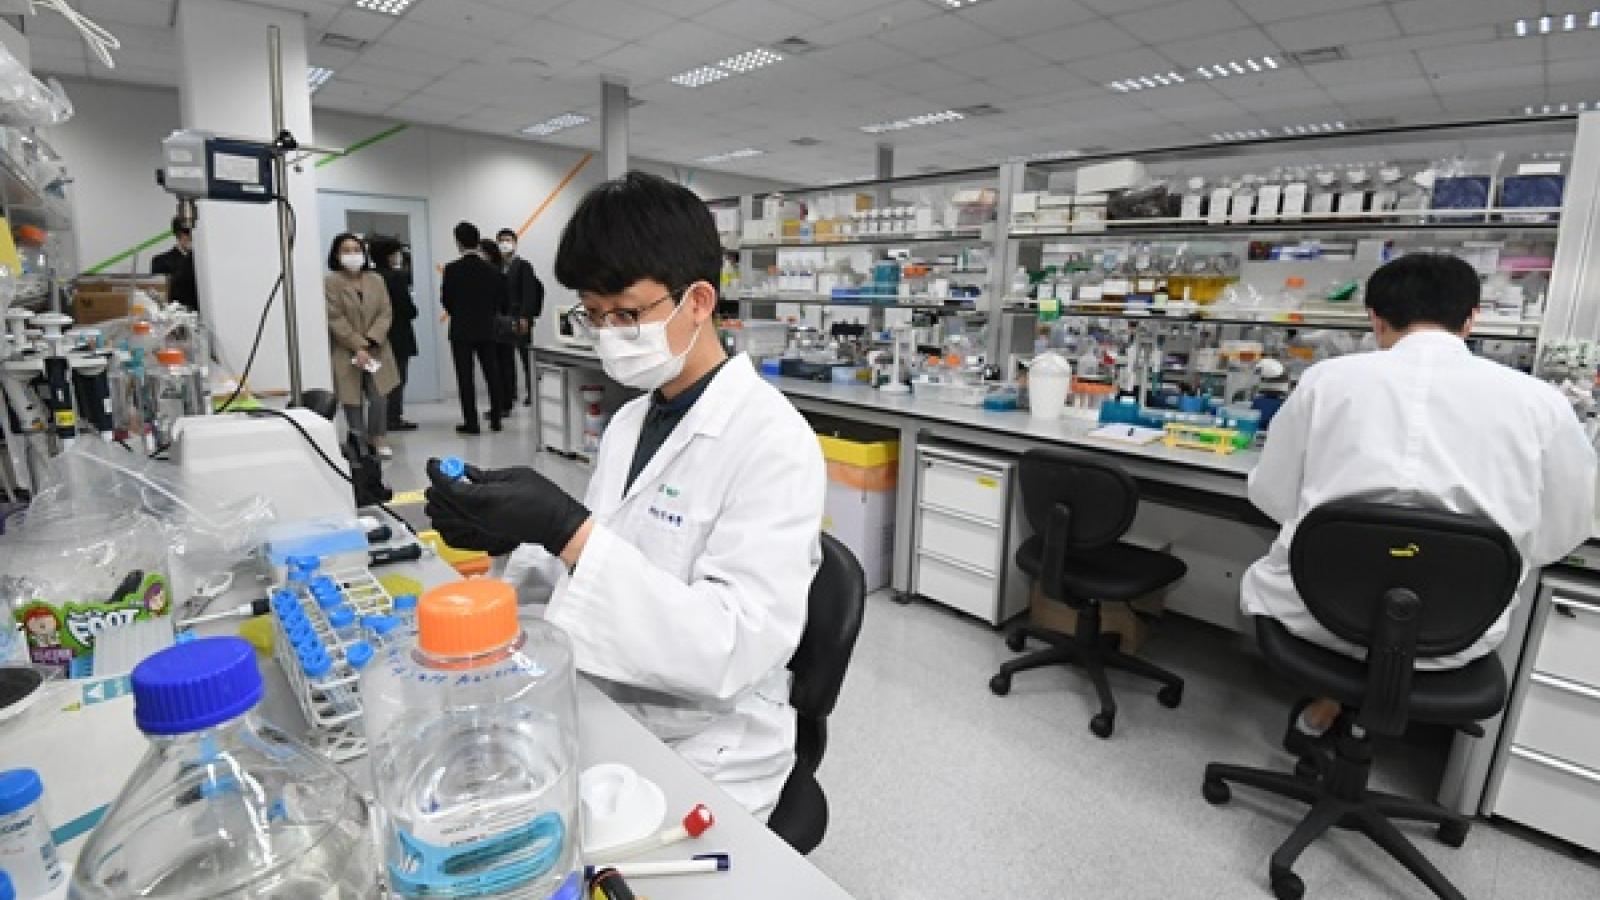 Một bệnh nhân Covid-19 tại Hàn Quốc được chữa khỏi bằng huyết tương